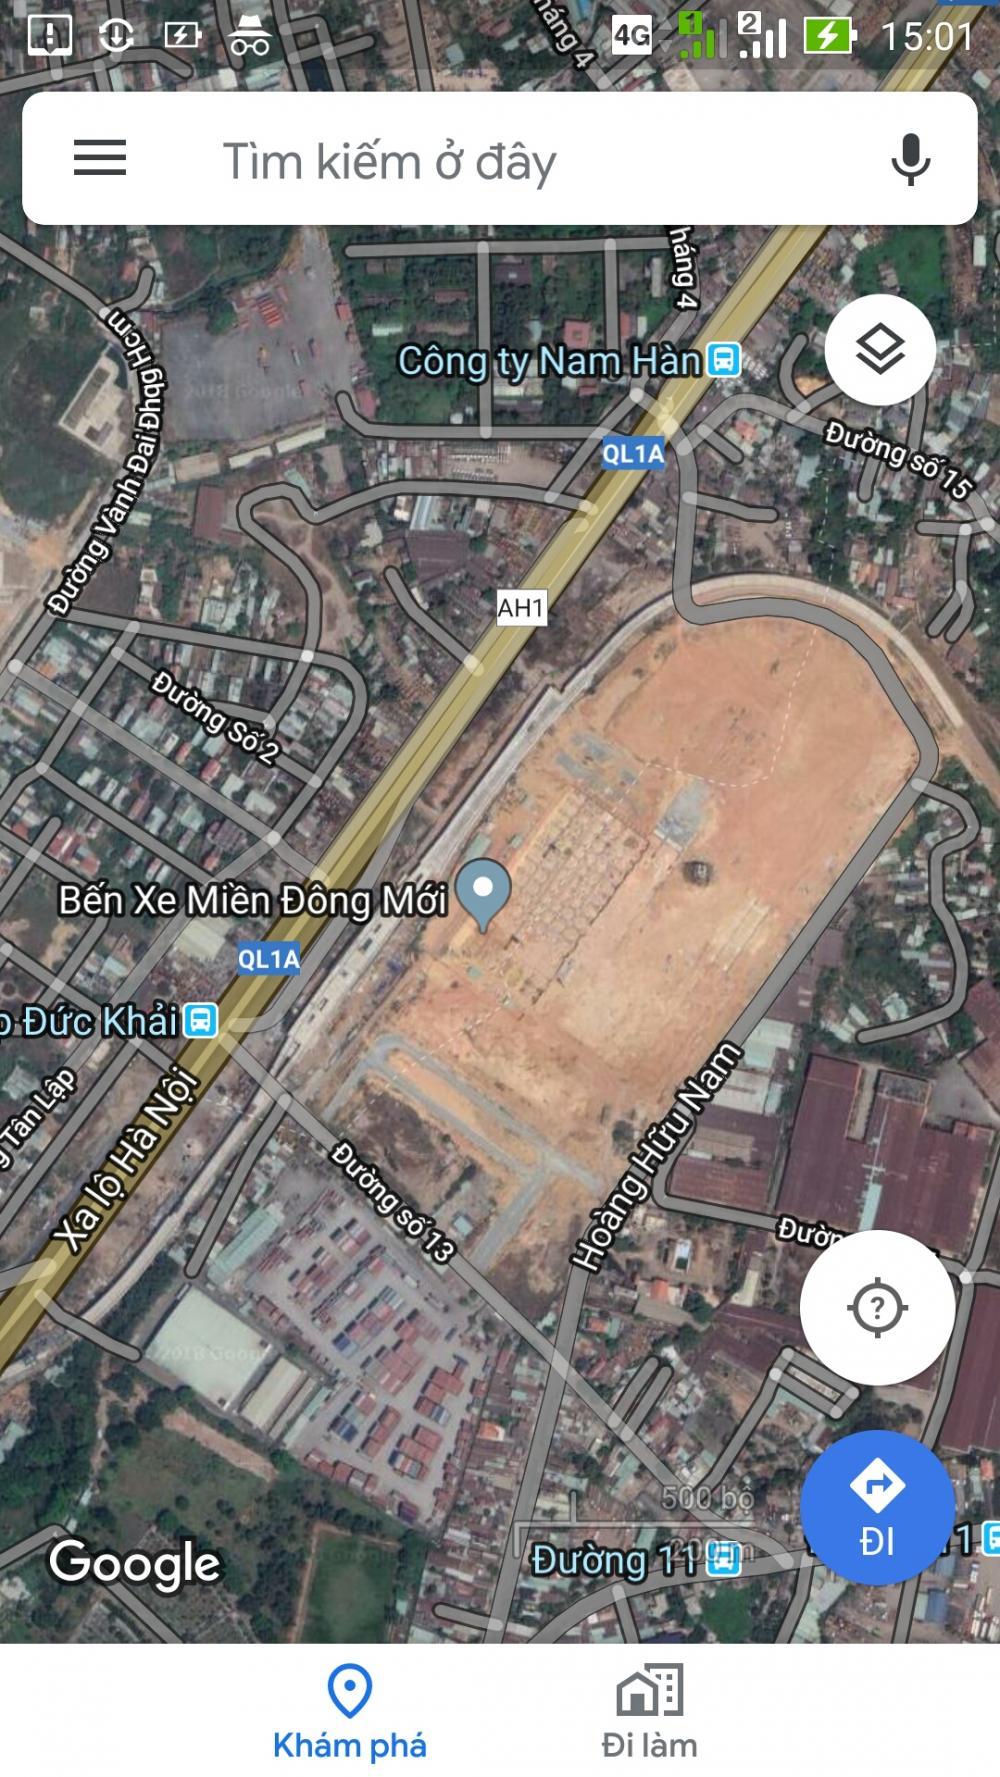 Bán kho bãi MT Xa Lộ Hà Nội, đối diện BXMĐ. DT 3000m2, giá 85,9 tỷ 9718264